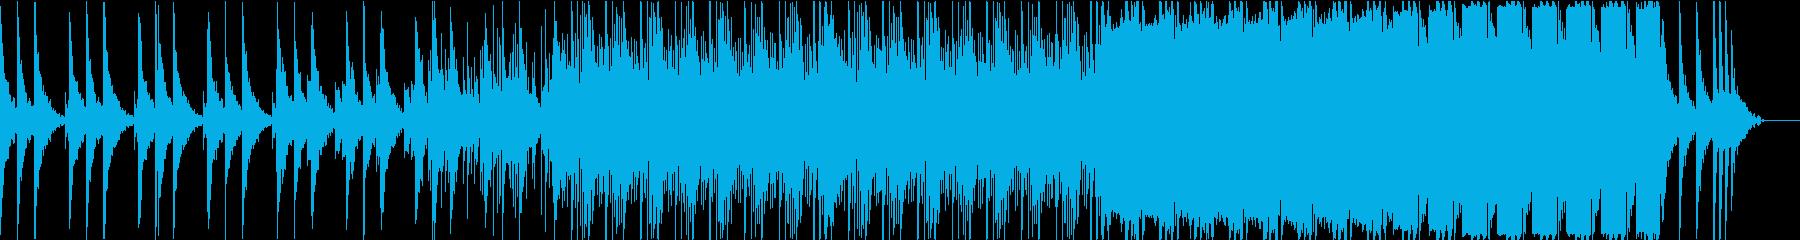 和風ゲーム向け:和太鼓、決戦、討ち入りの再生済みの波形